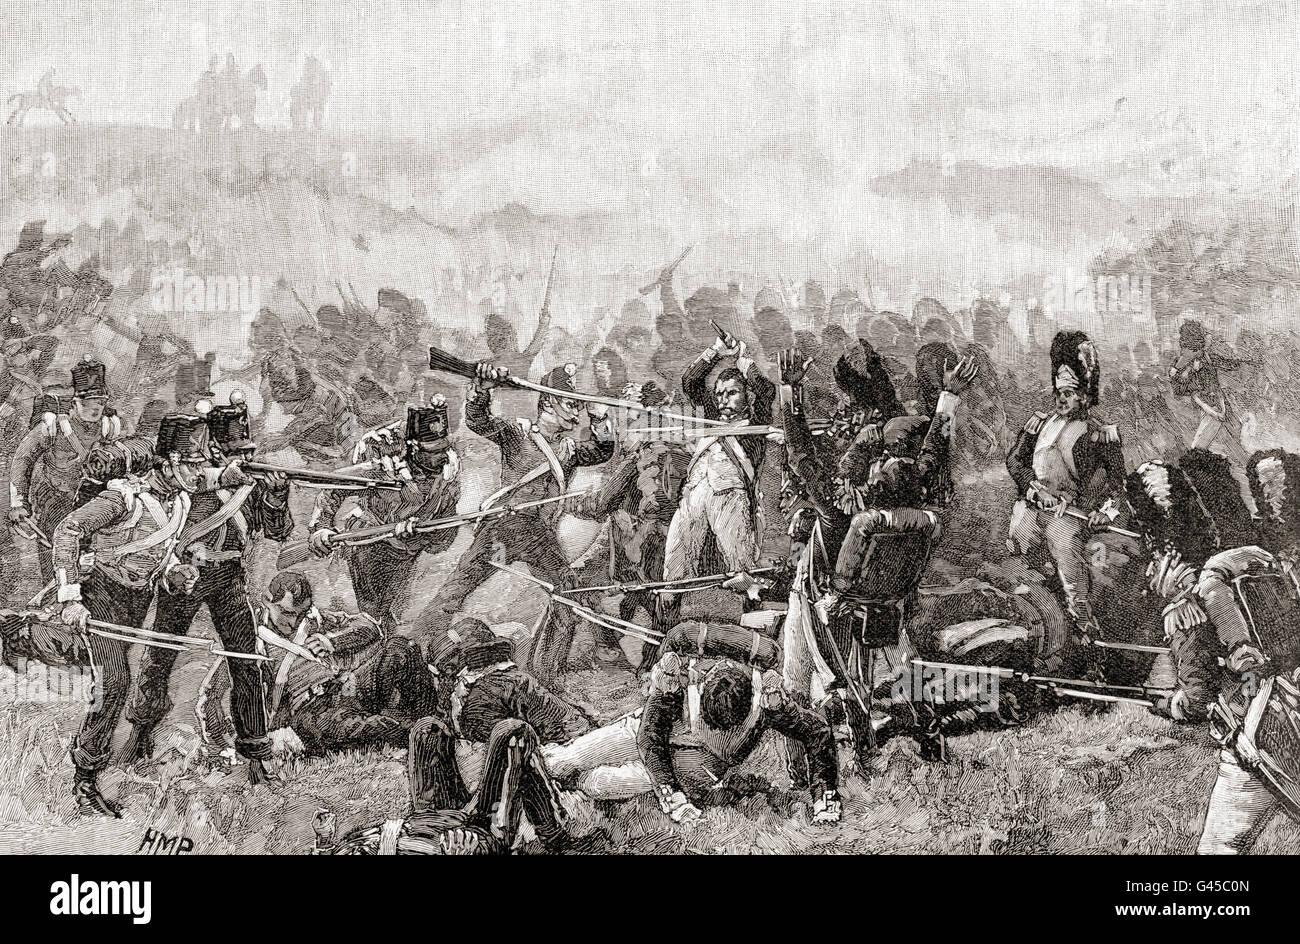 La batalla de Waterloo, Bélgica, 18 de junio de 1815. Los soldados franceses e ingleses luchar mano a mano. Imagen De Stock